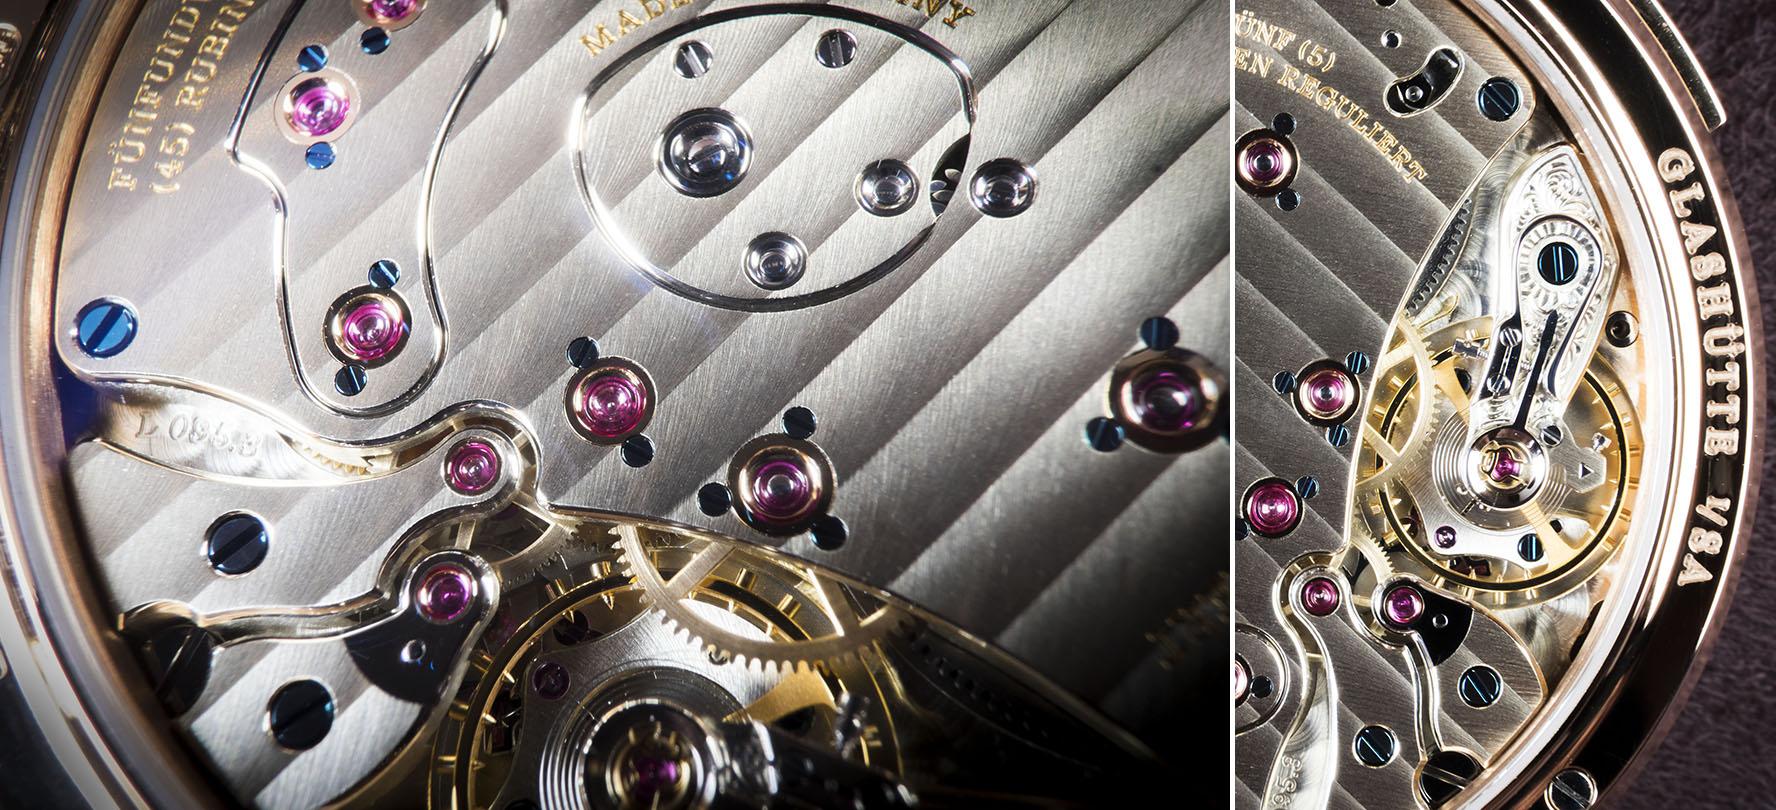 Test de macrophotographie avec un appareil photo APS-C le Fujifilm X-T1 et les deux bagues d'extenssions macro MCEX-1 et MCEX-16 sur les détails d'un cadran d'une montre de luxe Lange & Söhne.